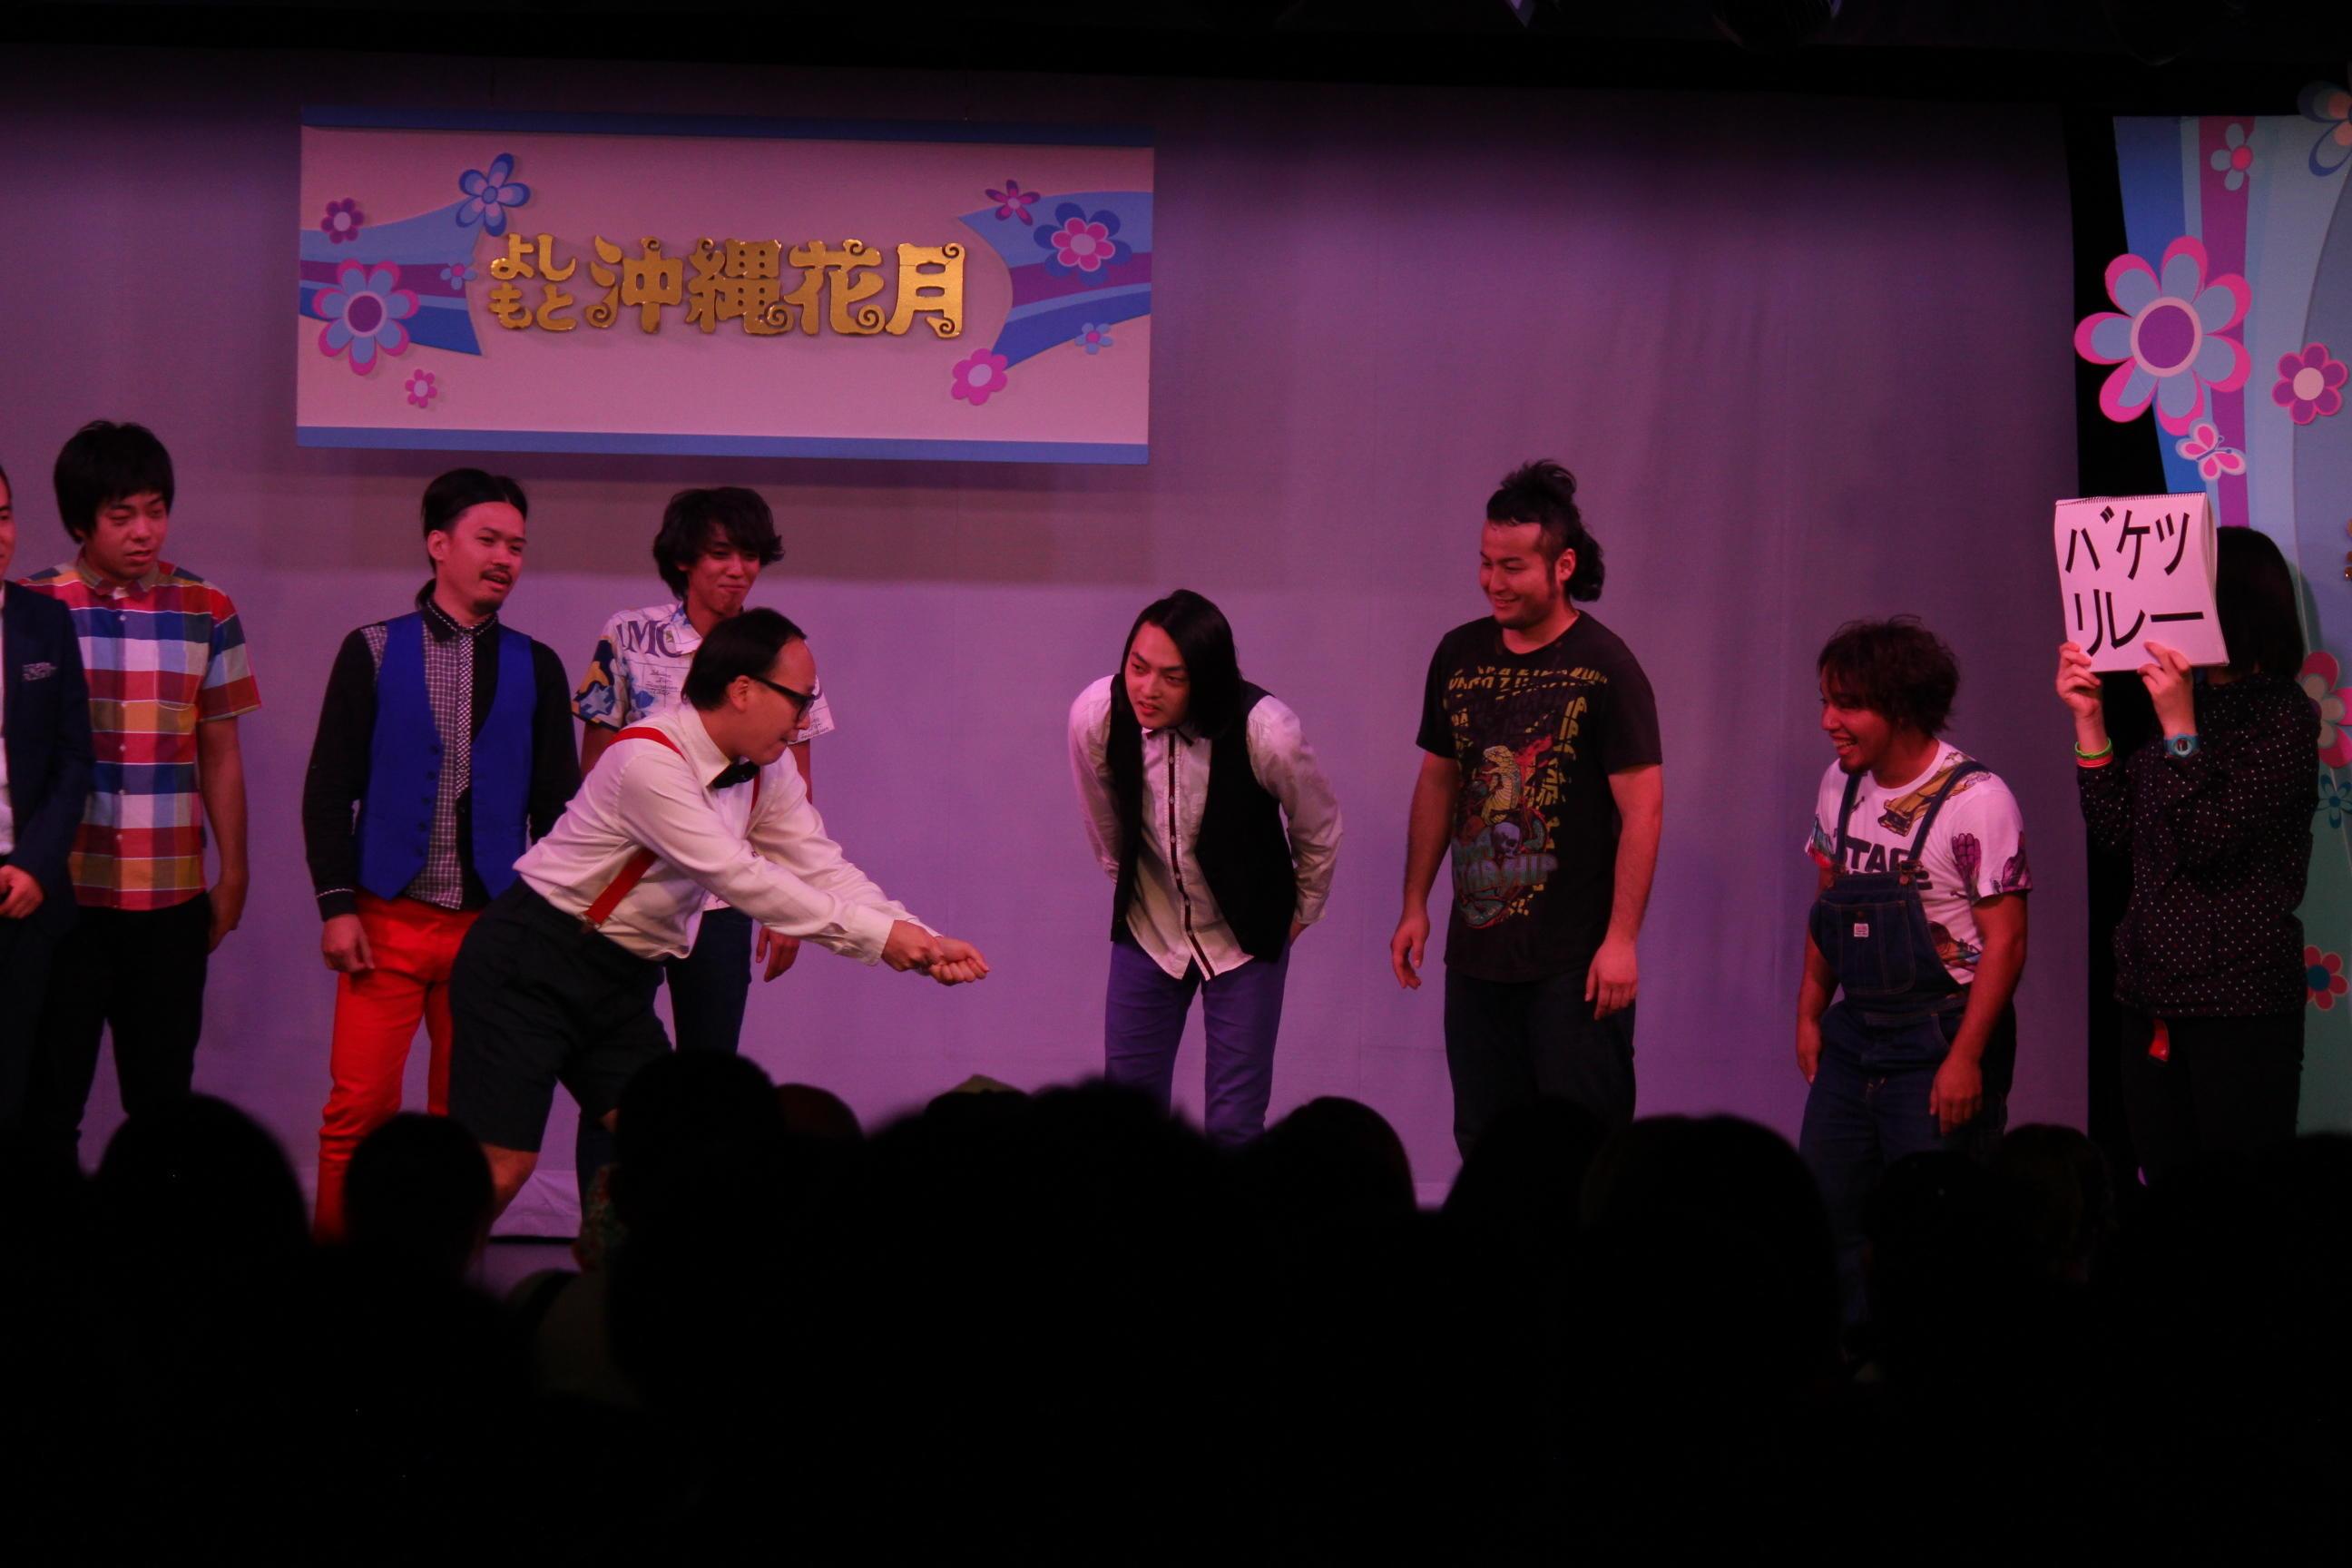 http://news.yoshimoto.co.jp/20151127202600-8a6d173e202cbfcaf6dbc12b160cf73b0517e647.jpg